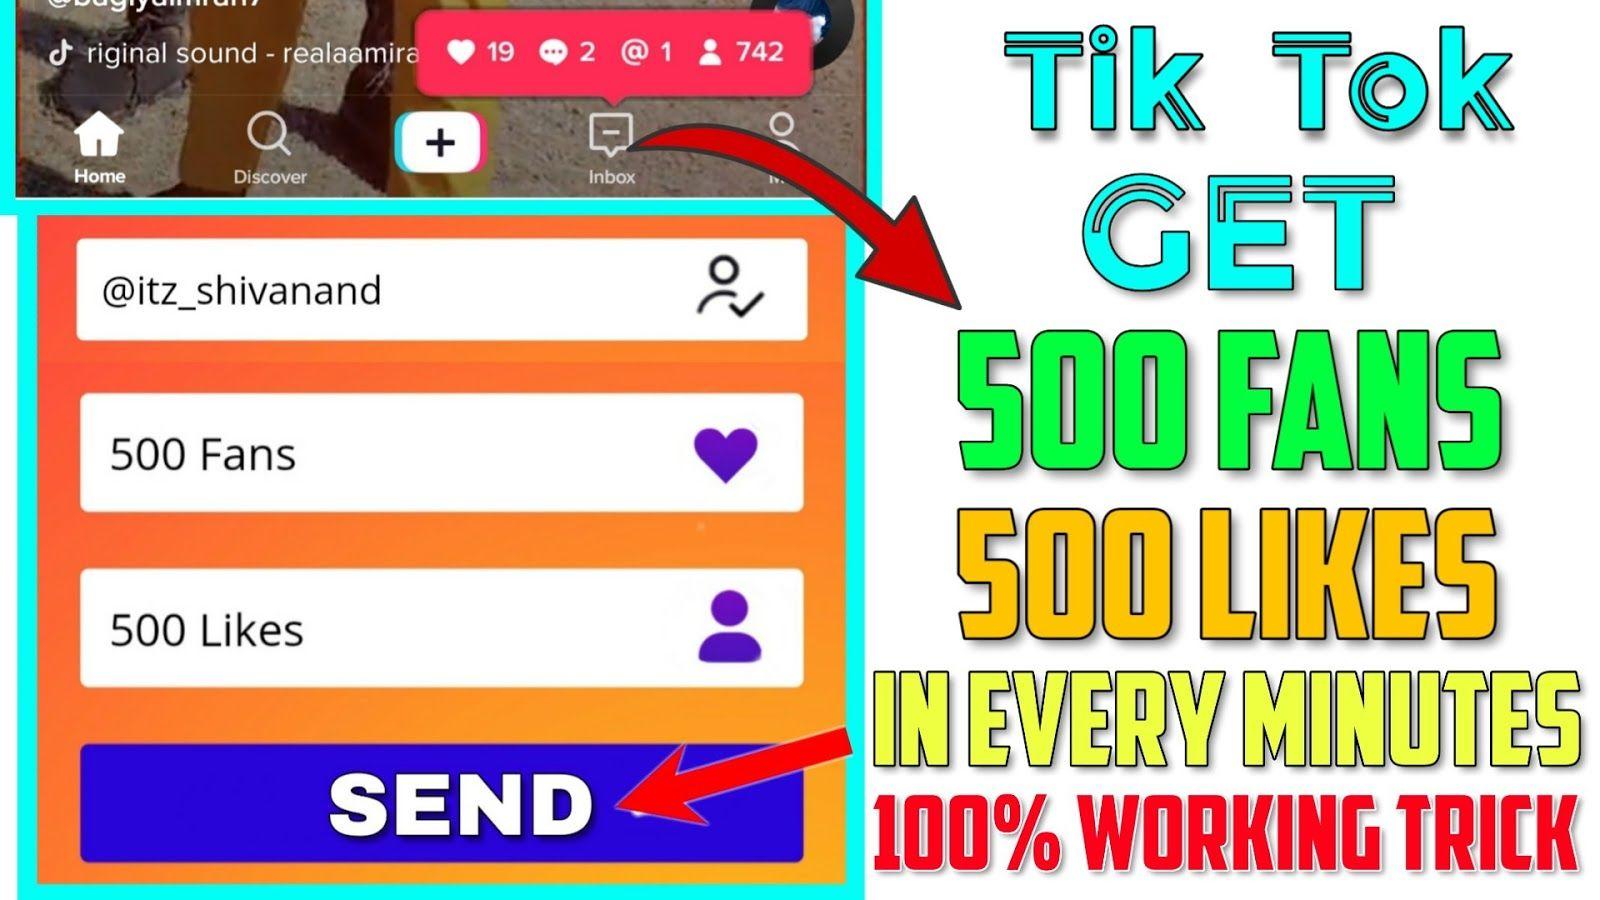 Fake Tiktok Followers No Verification Free Tiktok Likes And Followers No Verification Tiktok More Likes 100 Free Free Followers How To Get Followers Likes App